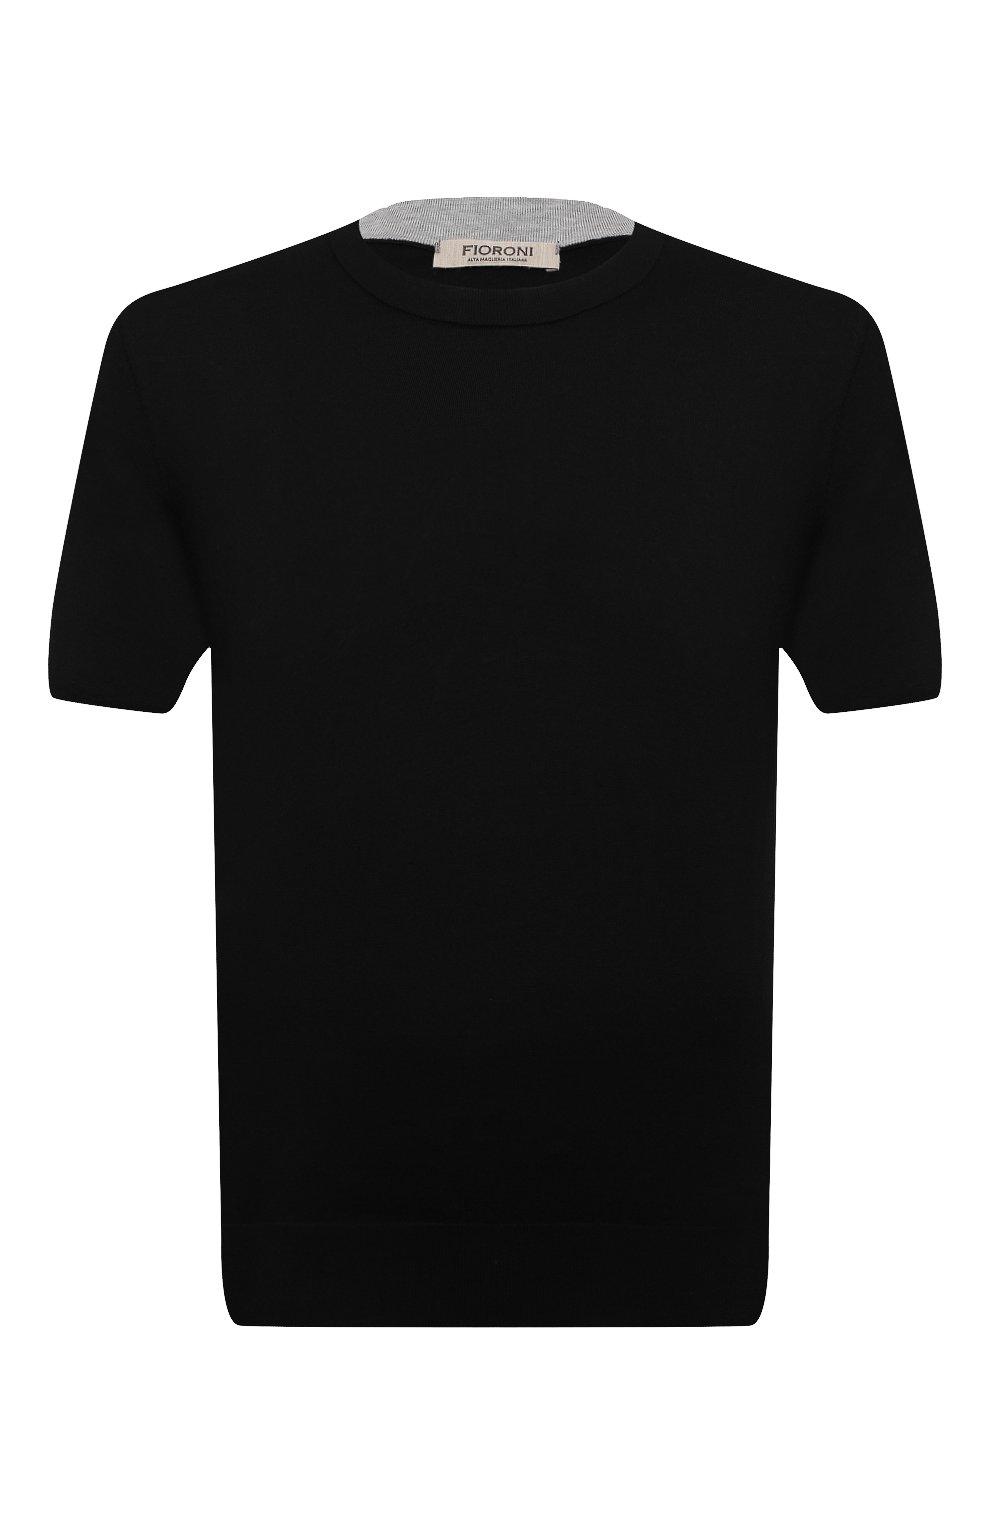 Мужской хлопковый джемпер FIORONI черного цвета, арт. MK20260A2 | Фото 1 (Мужское Кросс-КТ: Джемперы; Принт: Без принта; Рукава: Короткие; Длина (для топов): Стандартные; Материал внешний: Хлопок; Вырез: Круглый)